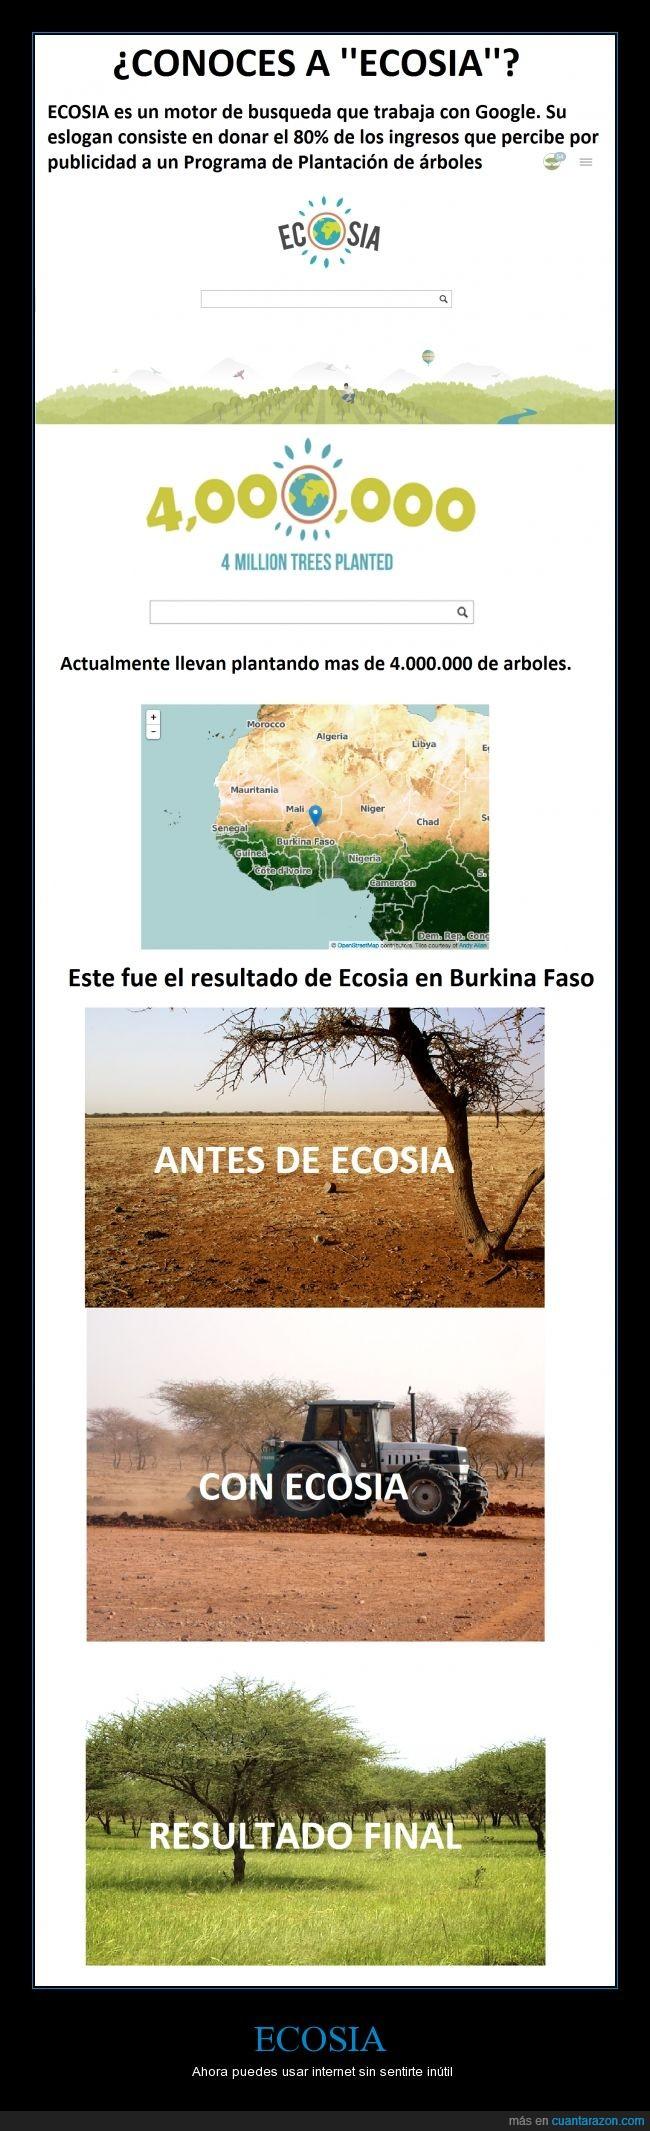 Arbol,Biodiversidad,Ecosia,Plantación,Sequia